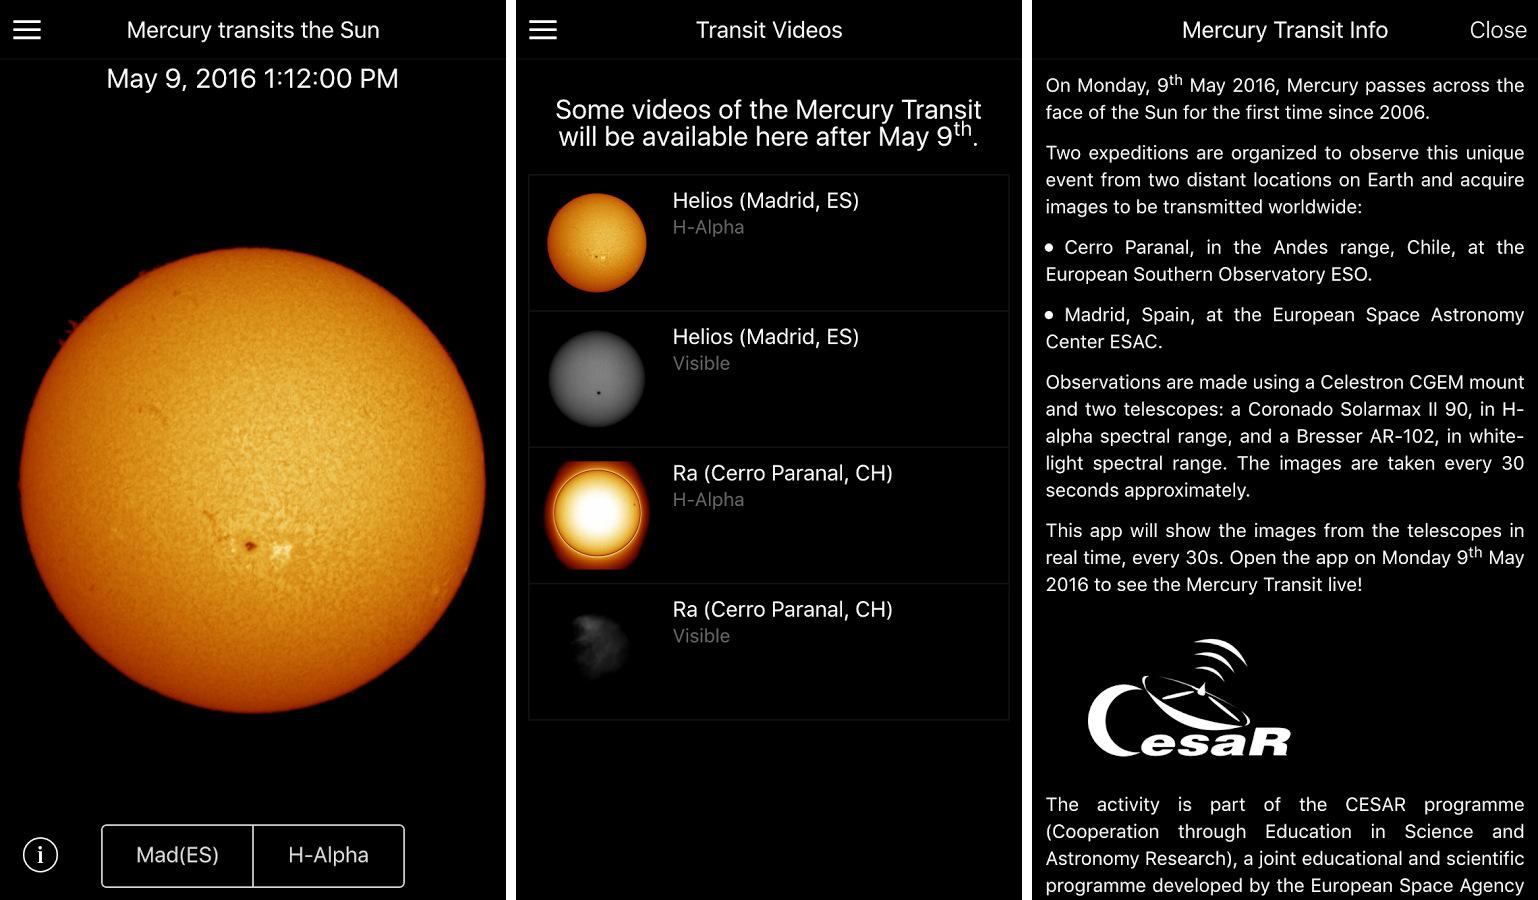 Screenshot credits: CESAR/ESA.